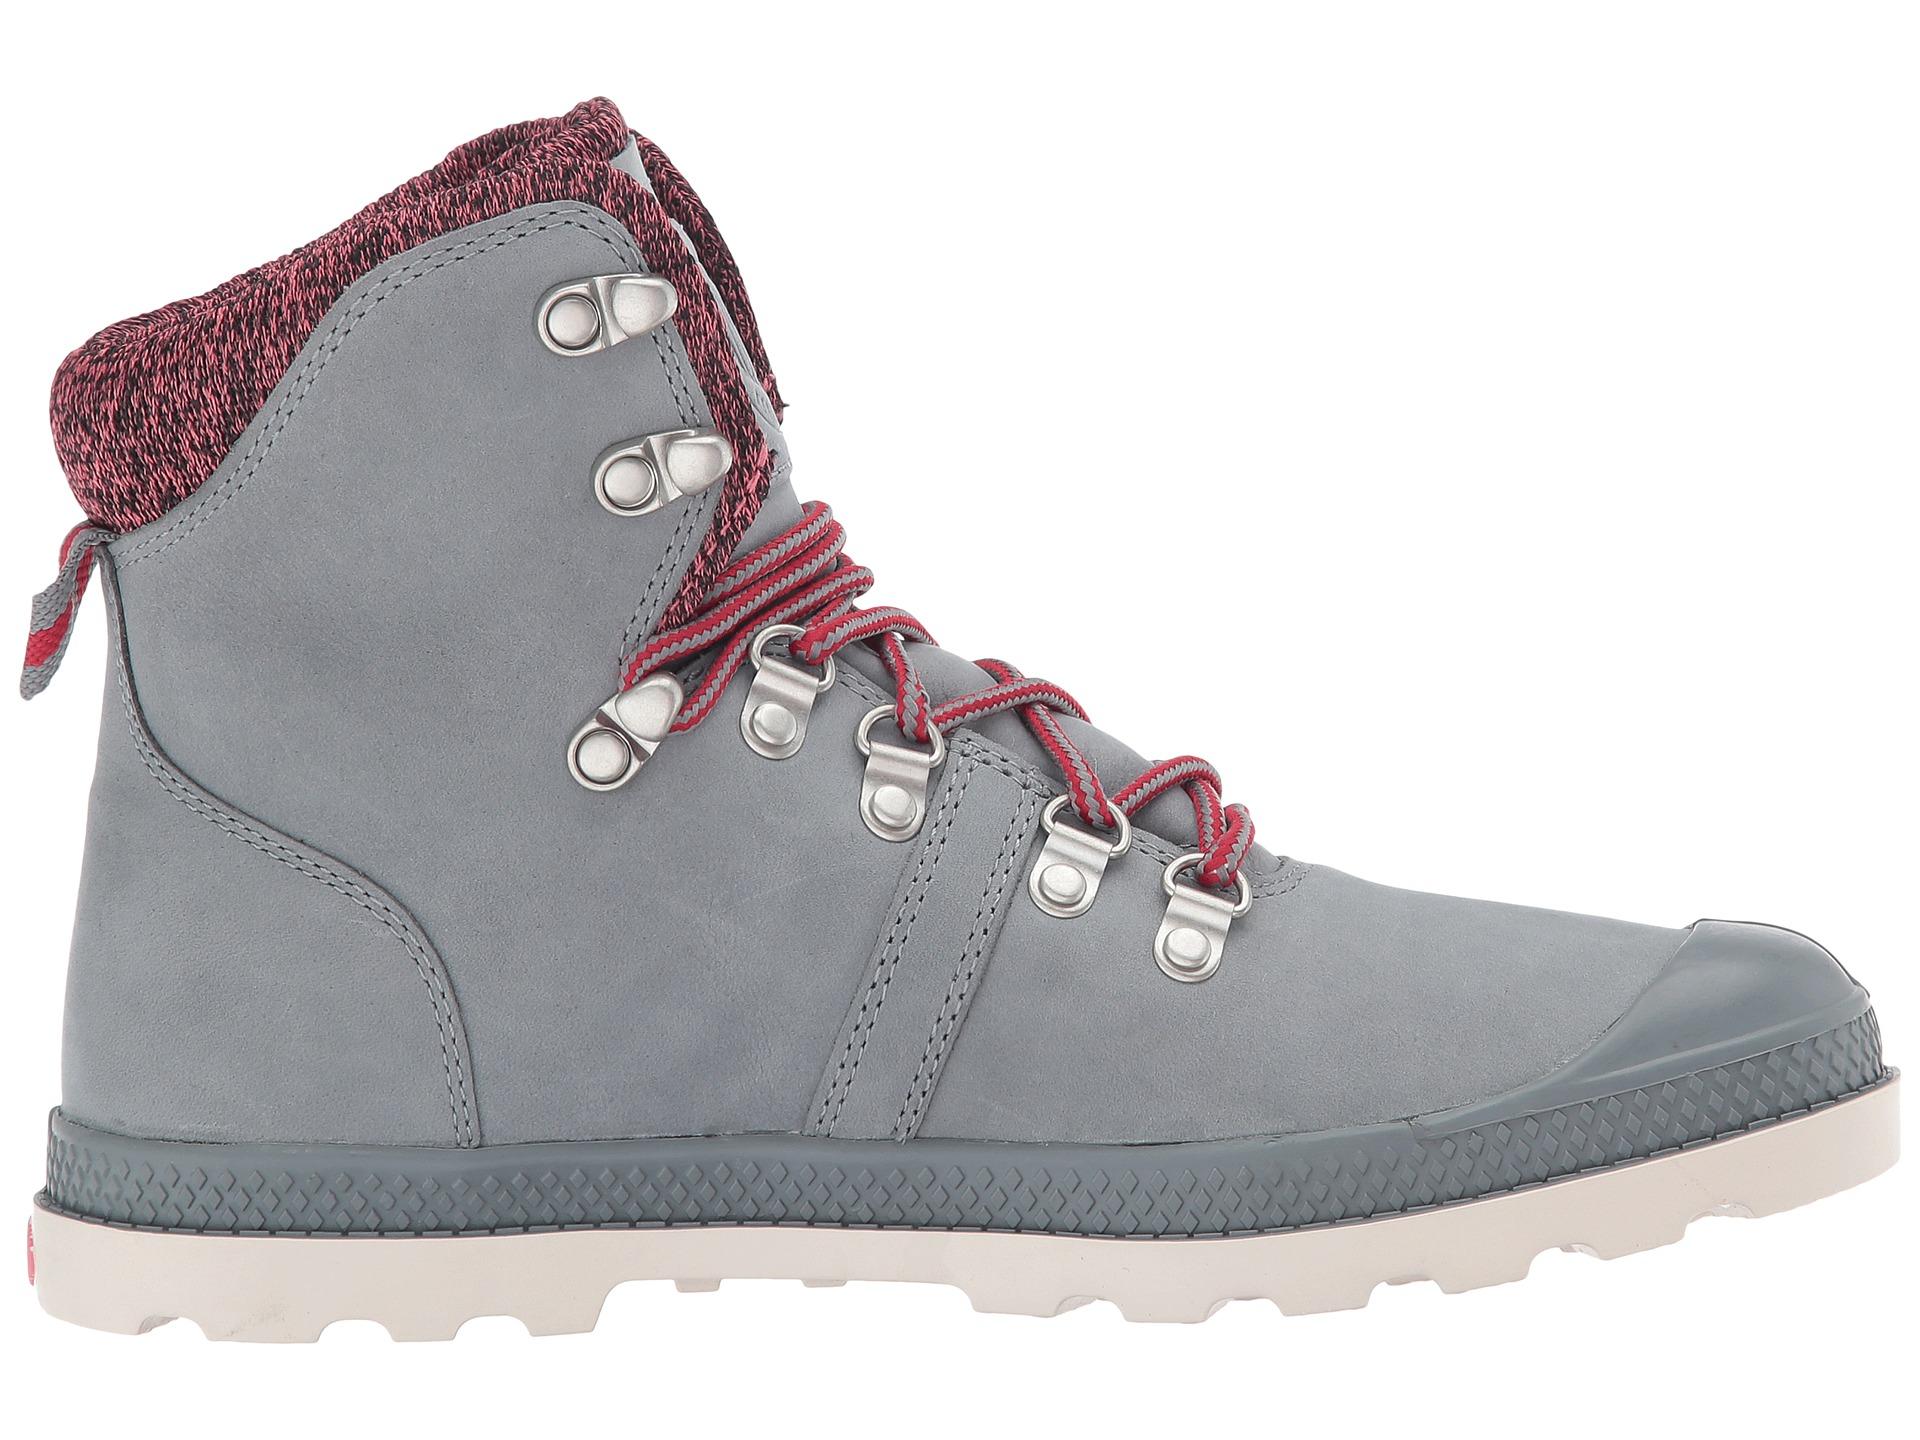 New Palladium Boots Womens Women39s Pallabroue Hikr LP Chukka Amber Gold